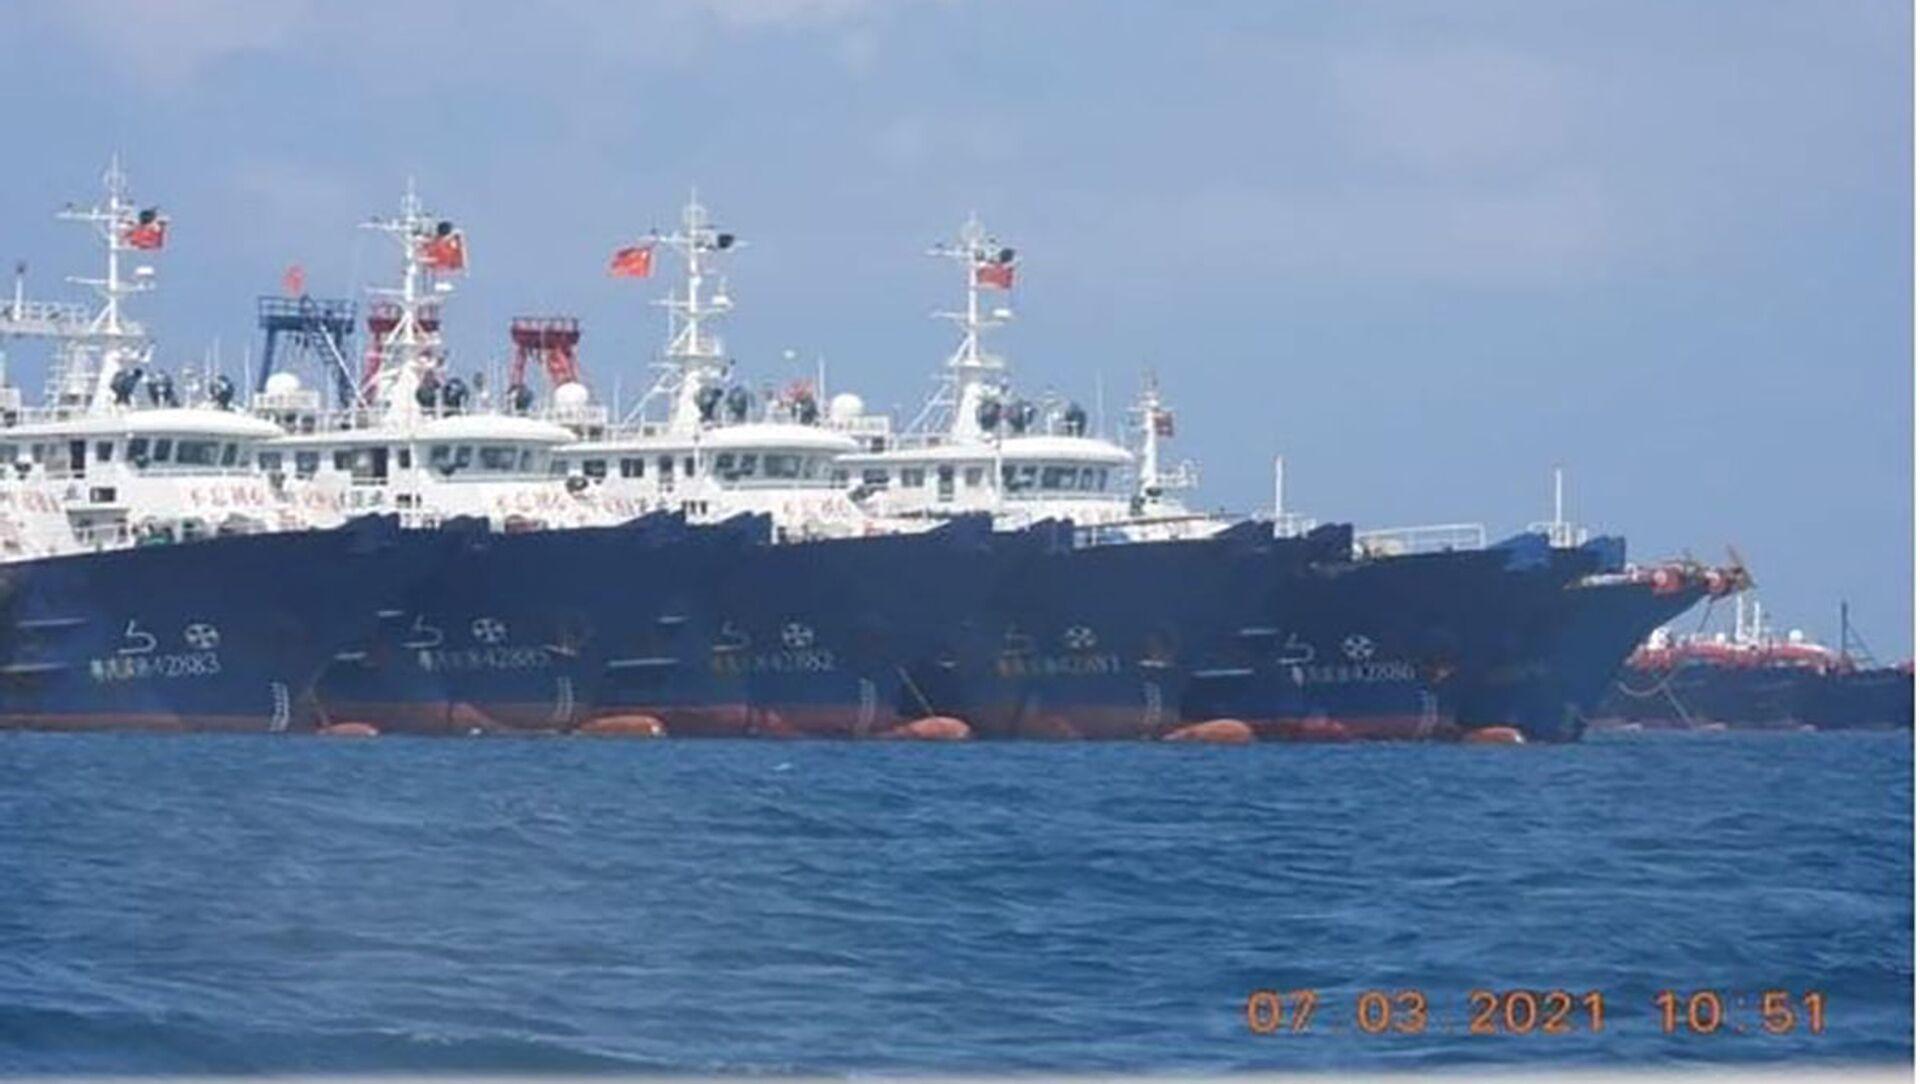 Các tàu Trung Quốc cập vào bãi đá ngầm Whitsun ở Biển Đông. - Sputnik Việt Nam, 1920, 22.03.2021